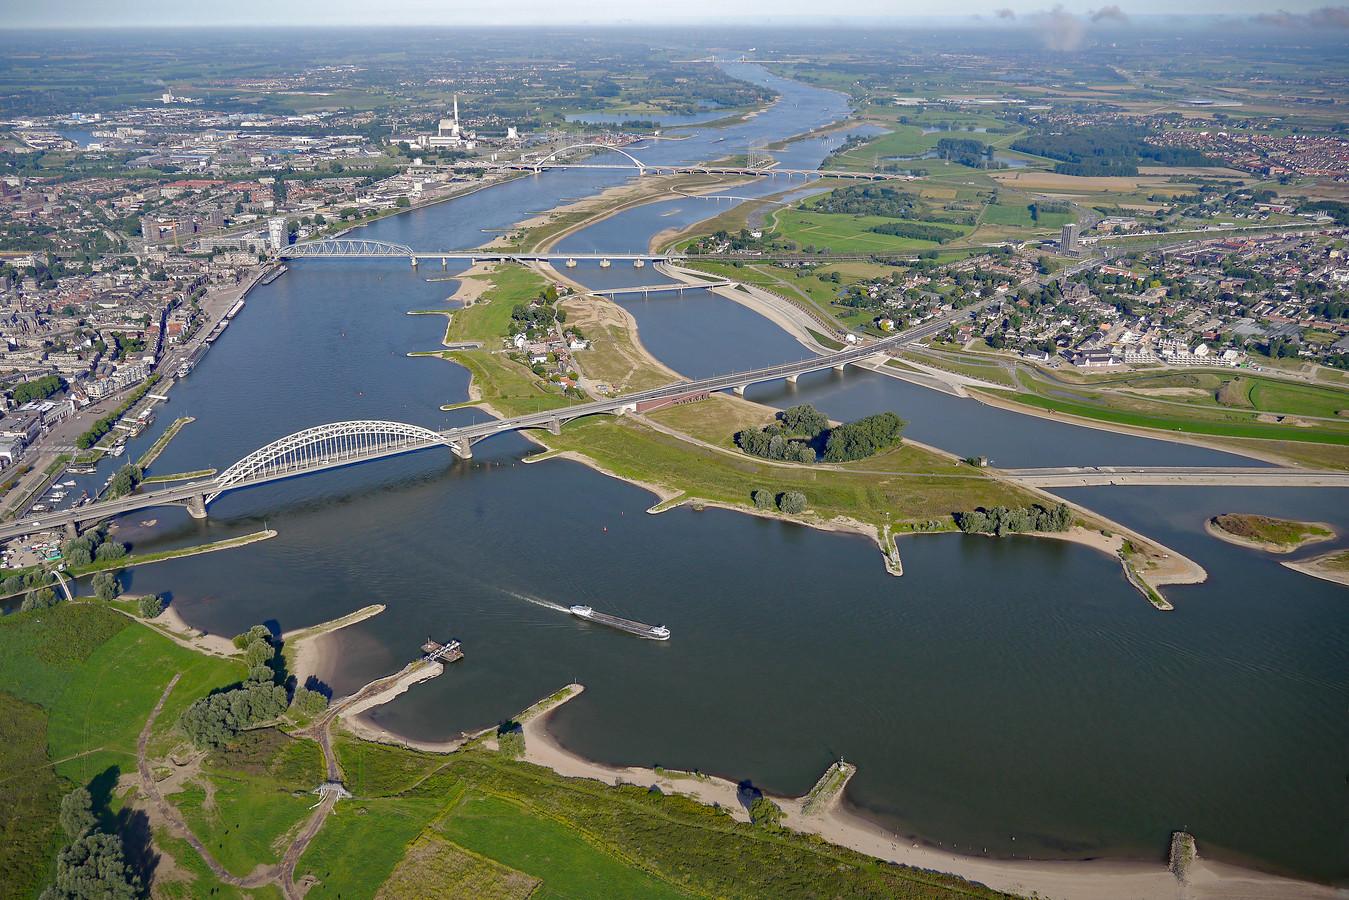 Het stadseiland Veur-Lent is in augustus het decor voor het Democratiefestival.